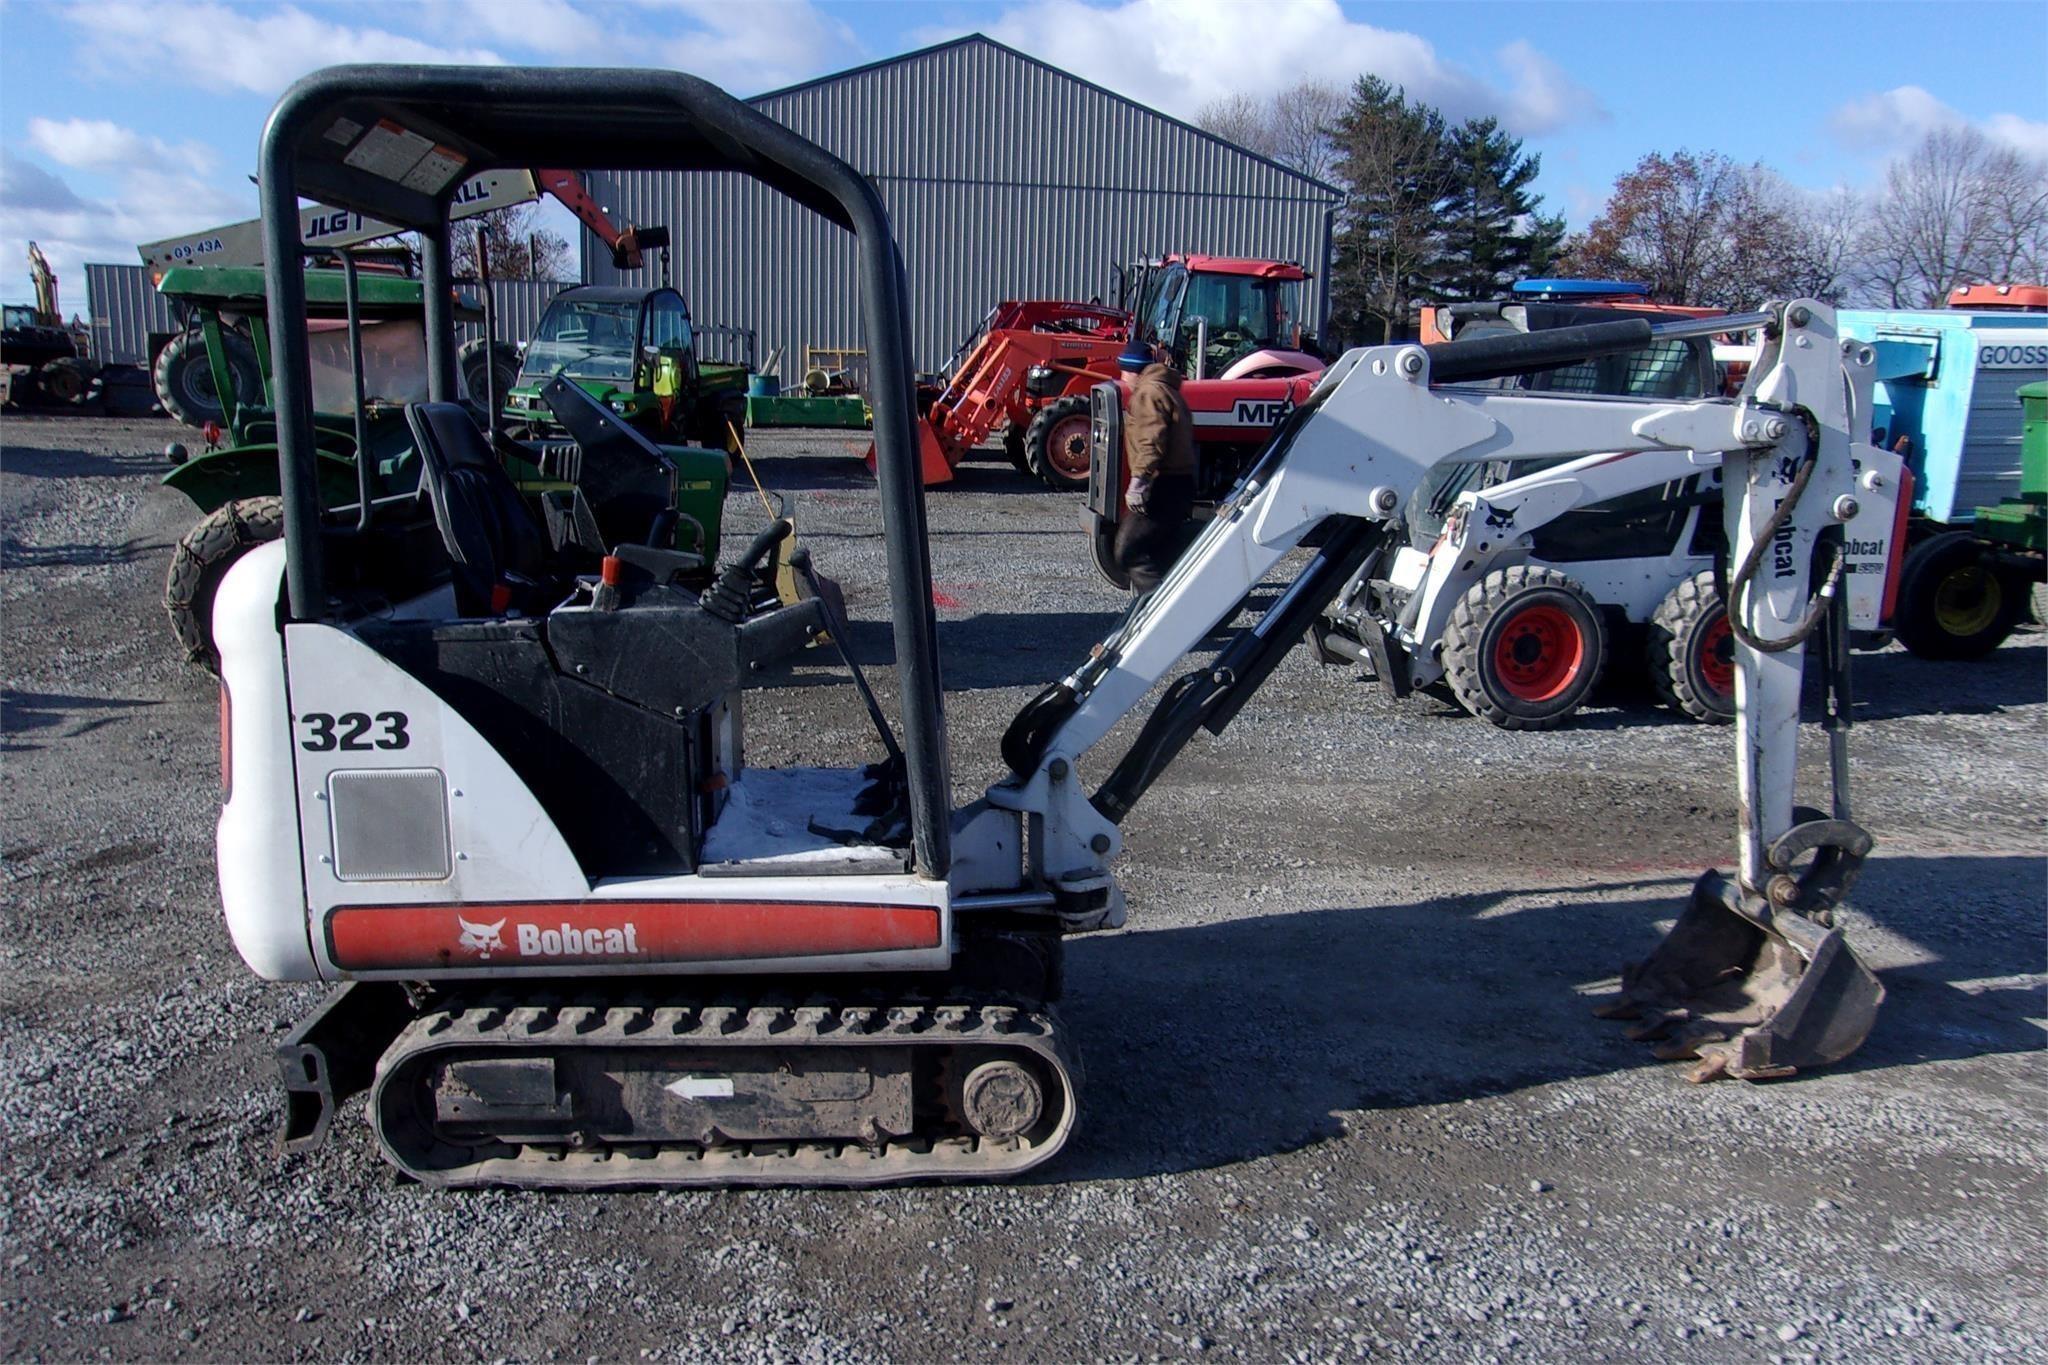 2008 Bobcat 323 Excavators and Mini Excavator